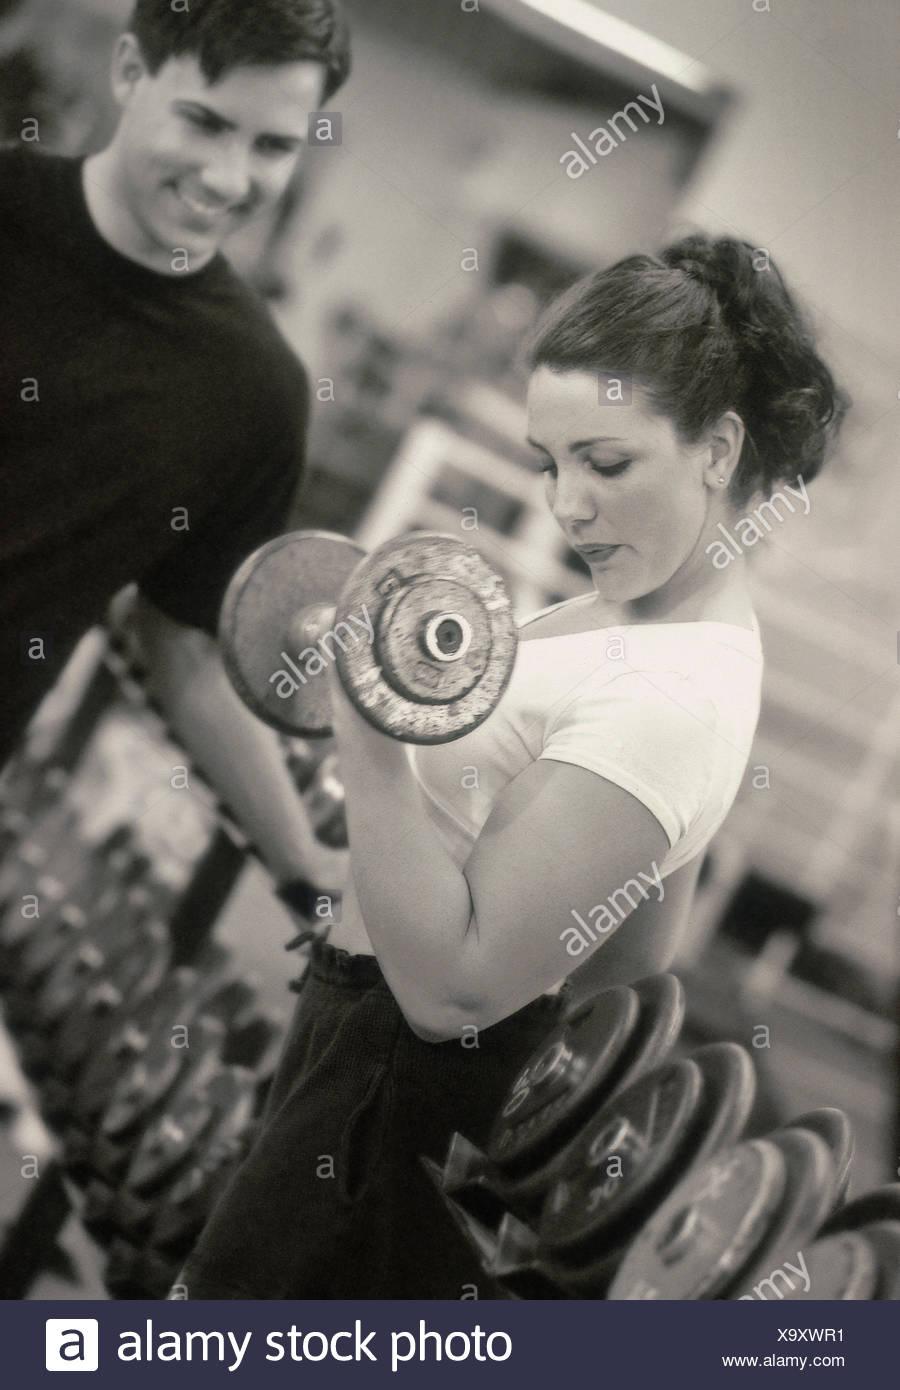 Caucasian maschi e femmine di sollevamento pesi nel fitness club (Modello rilasciato) Immagini Stock